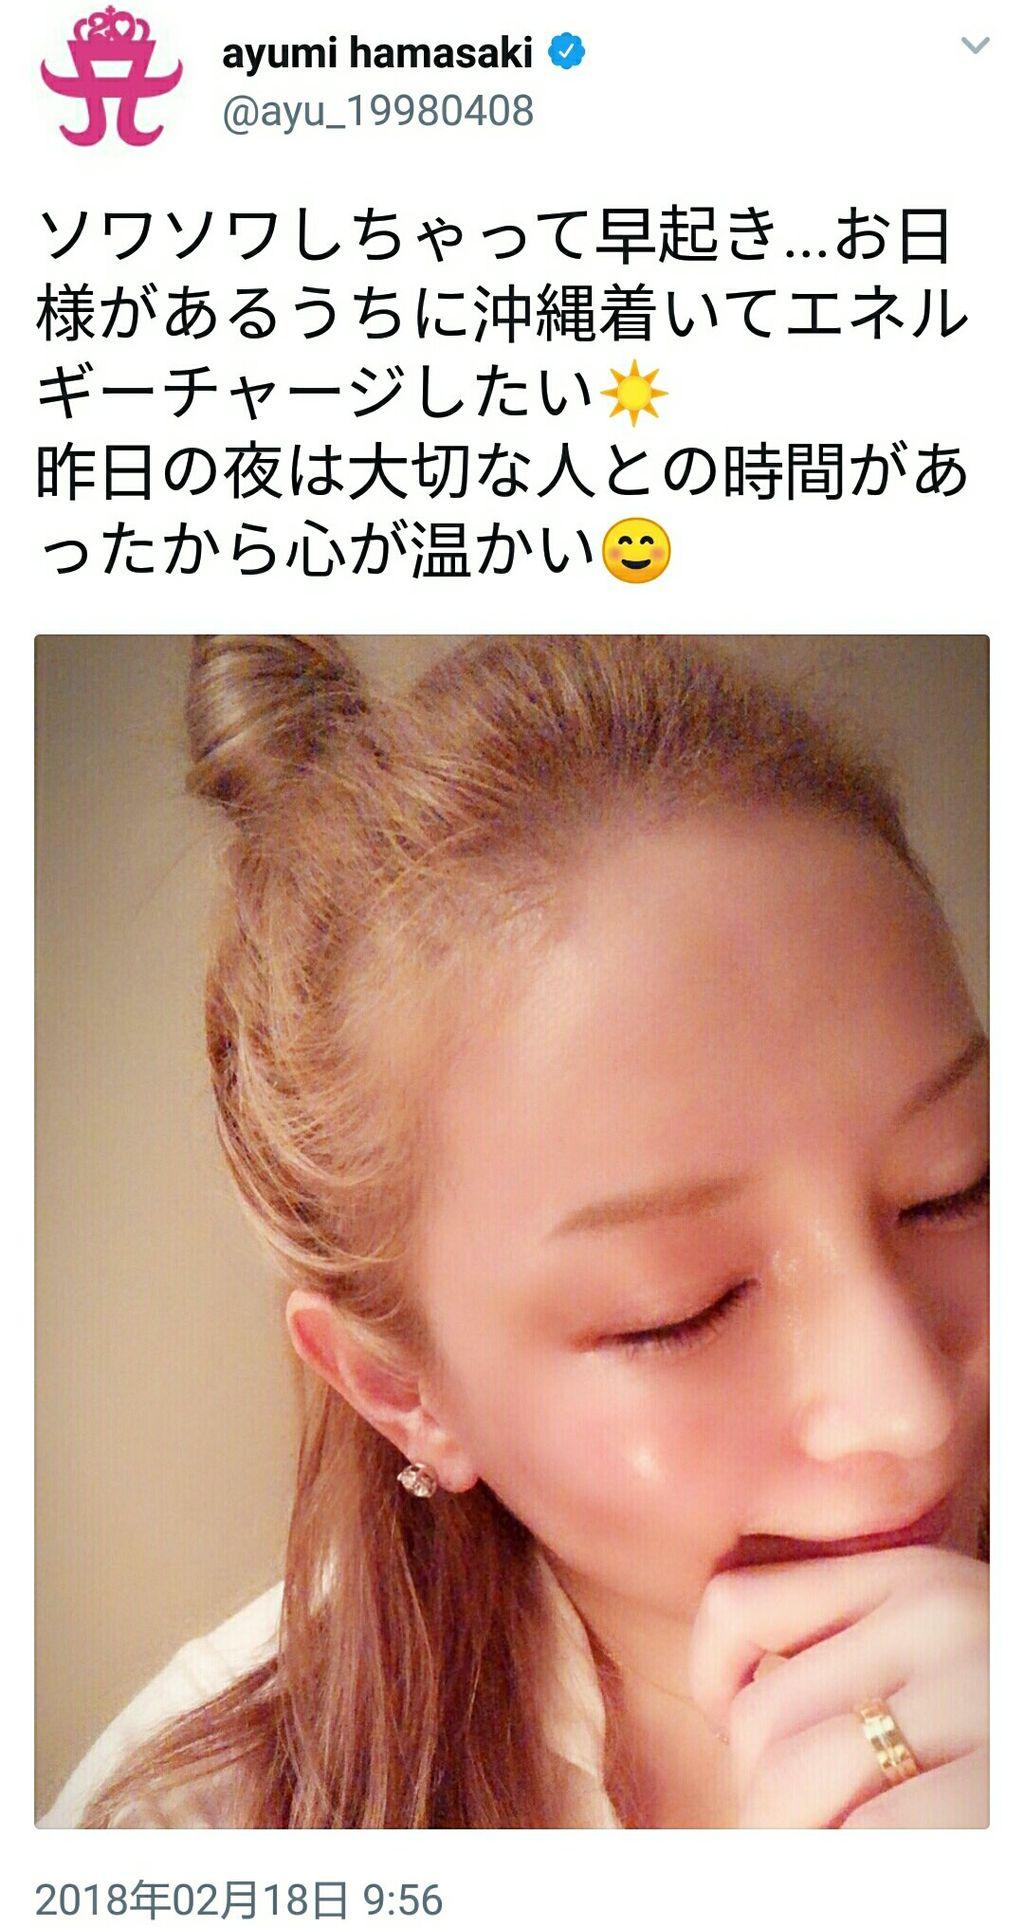 【悲報】浜崎あゆみ(39)さん、彼氏のTwitter誤爆により熱愛が発覚してしまう